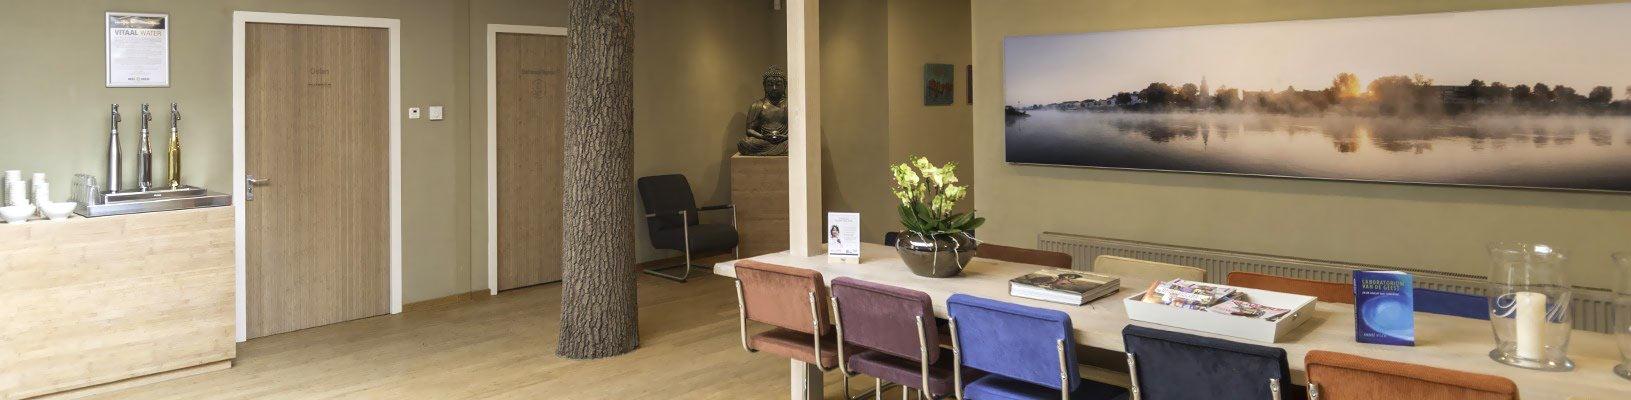 Openingstijden HeelHuus Gezondheidscentrum Warnsveld Zutphen